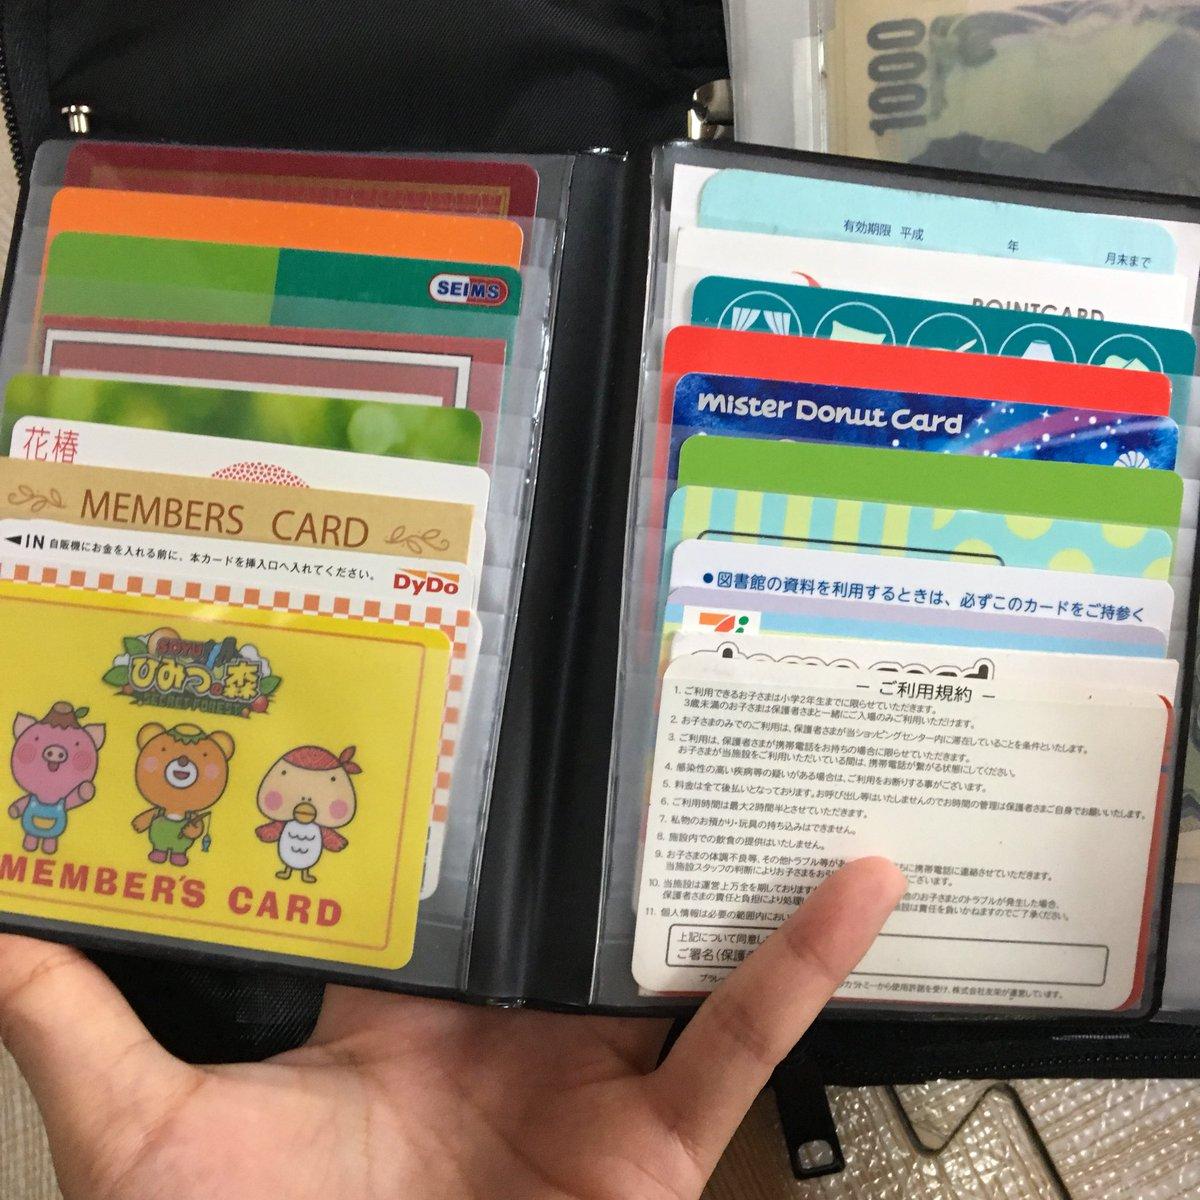 test ツイッターメディア - 無印のパスポートケースと、キャンドゥのカードケースでずっと財布代わりにしてるけど、めっちゃ良い???? お金を用途事にわけれるし、人目でわかるからいいよね??  #無印良品 #キャンドゥ #パスポートケース https://t.co/pRBW155ZIU